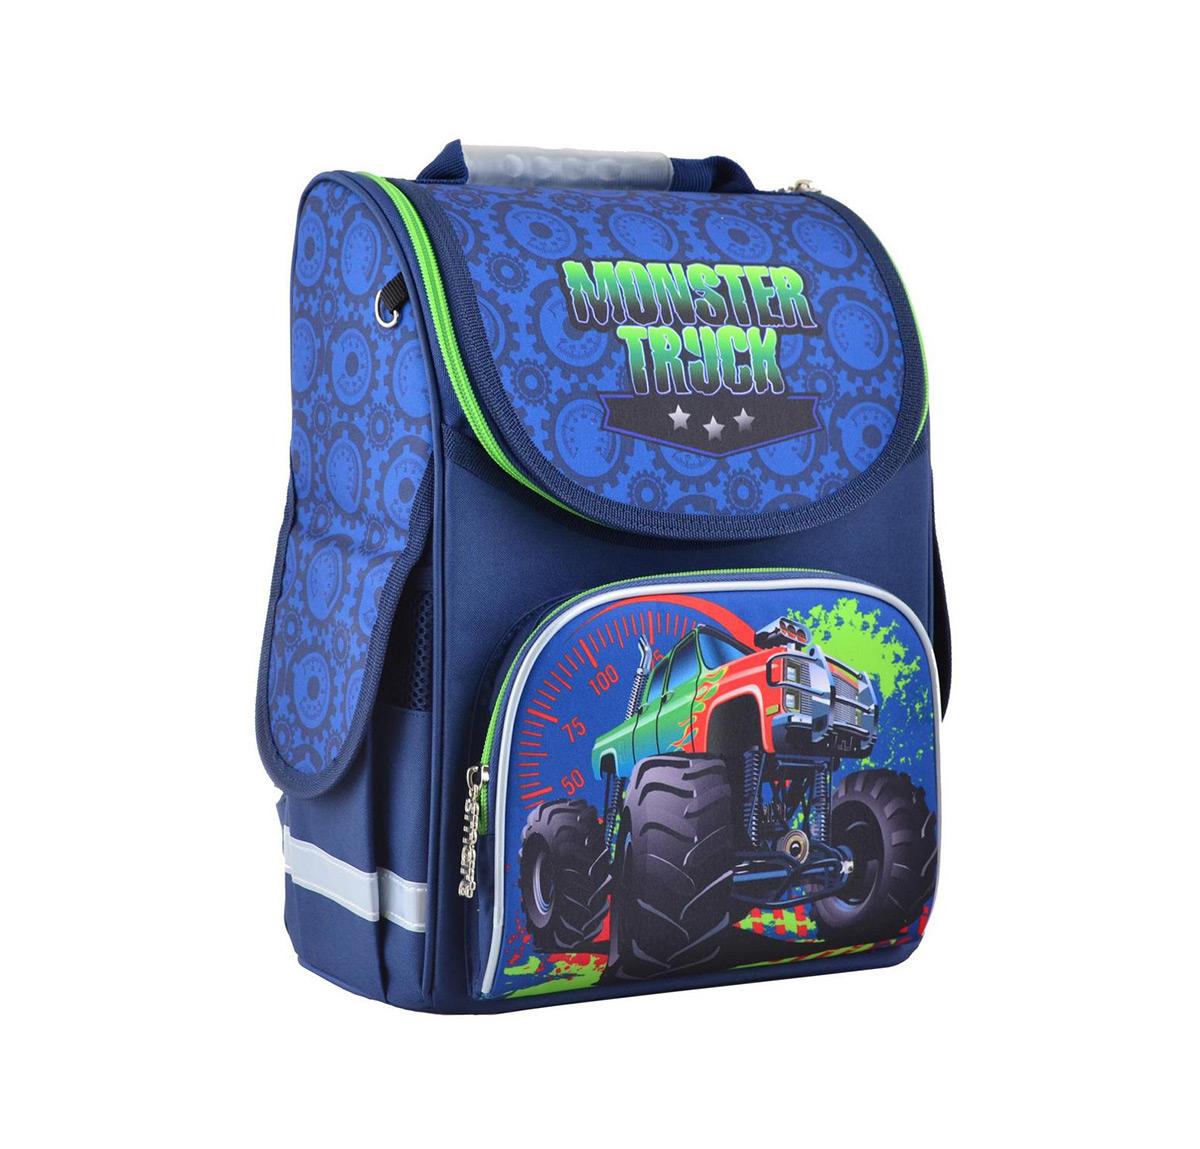 Рюкзак каркасный PG-11 Monster truck 554523